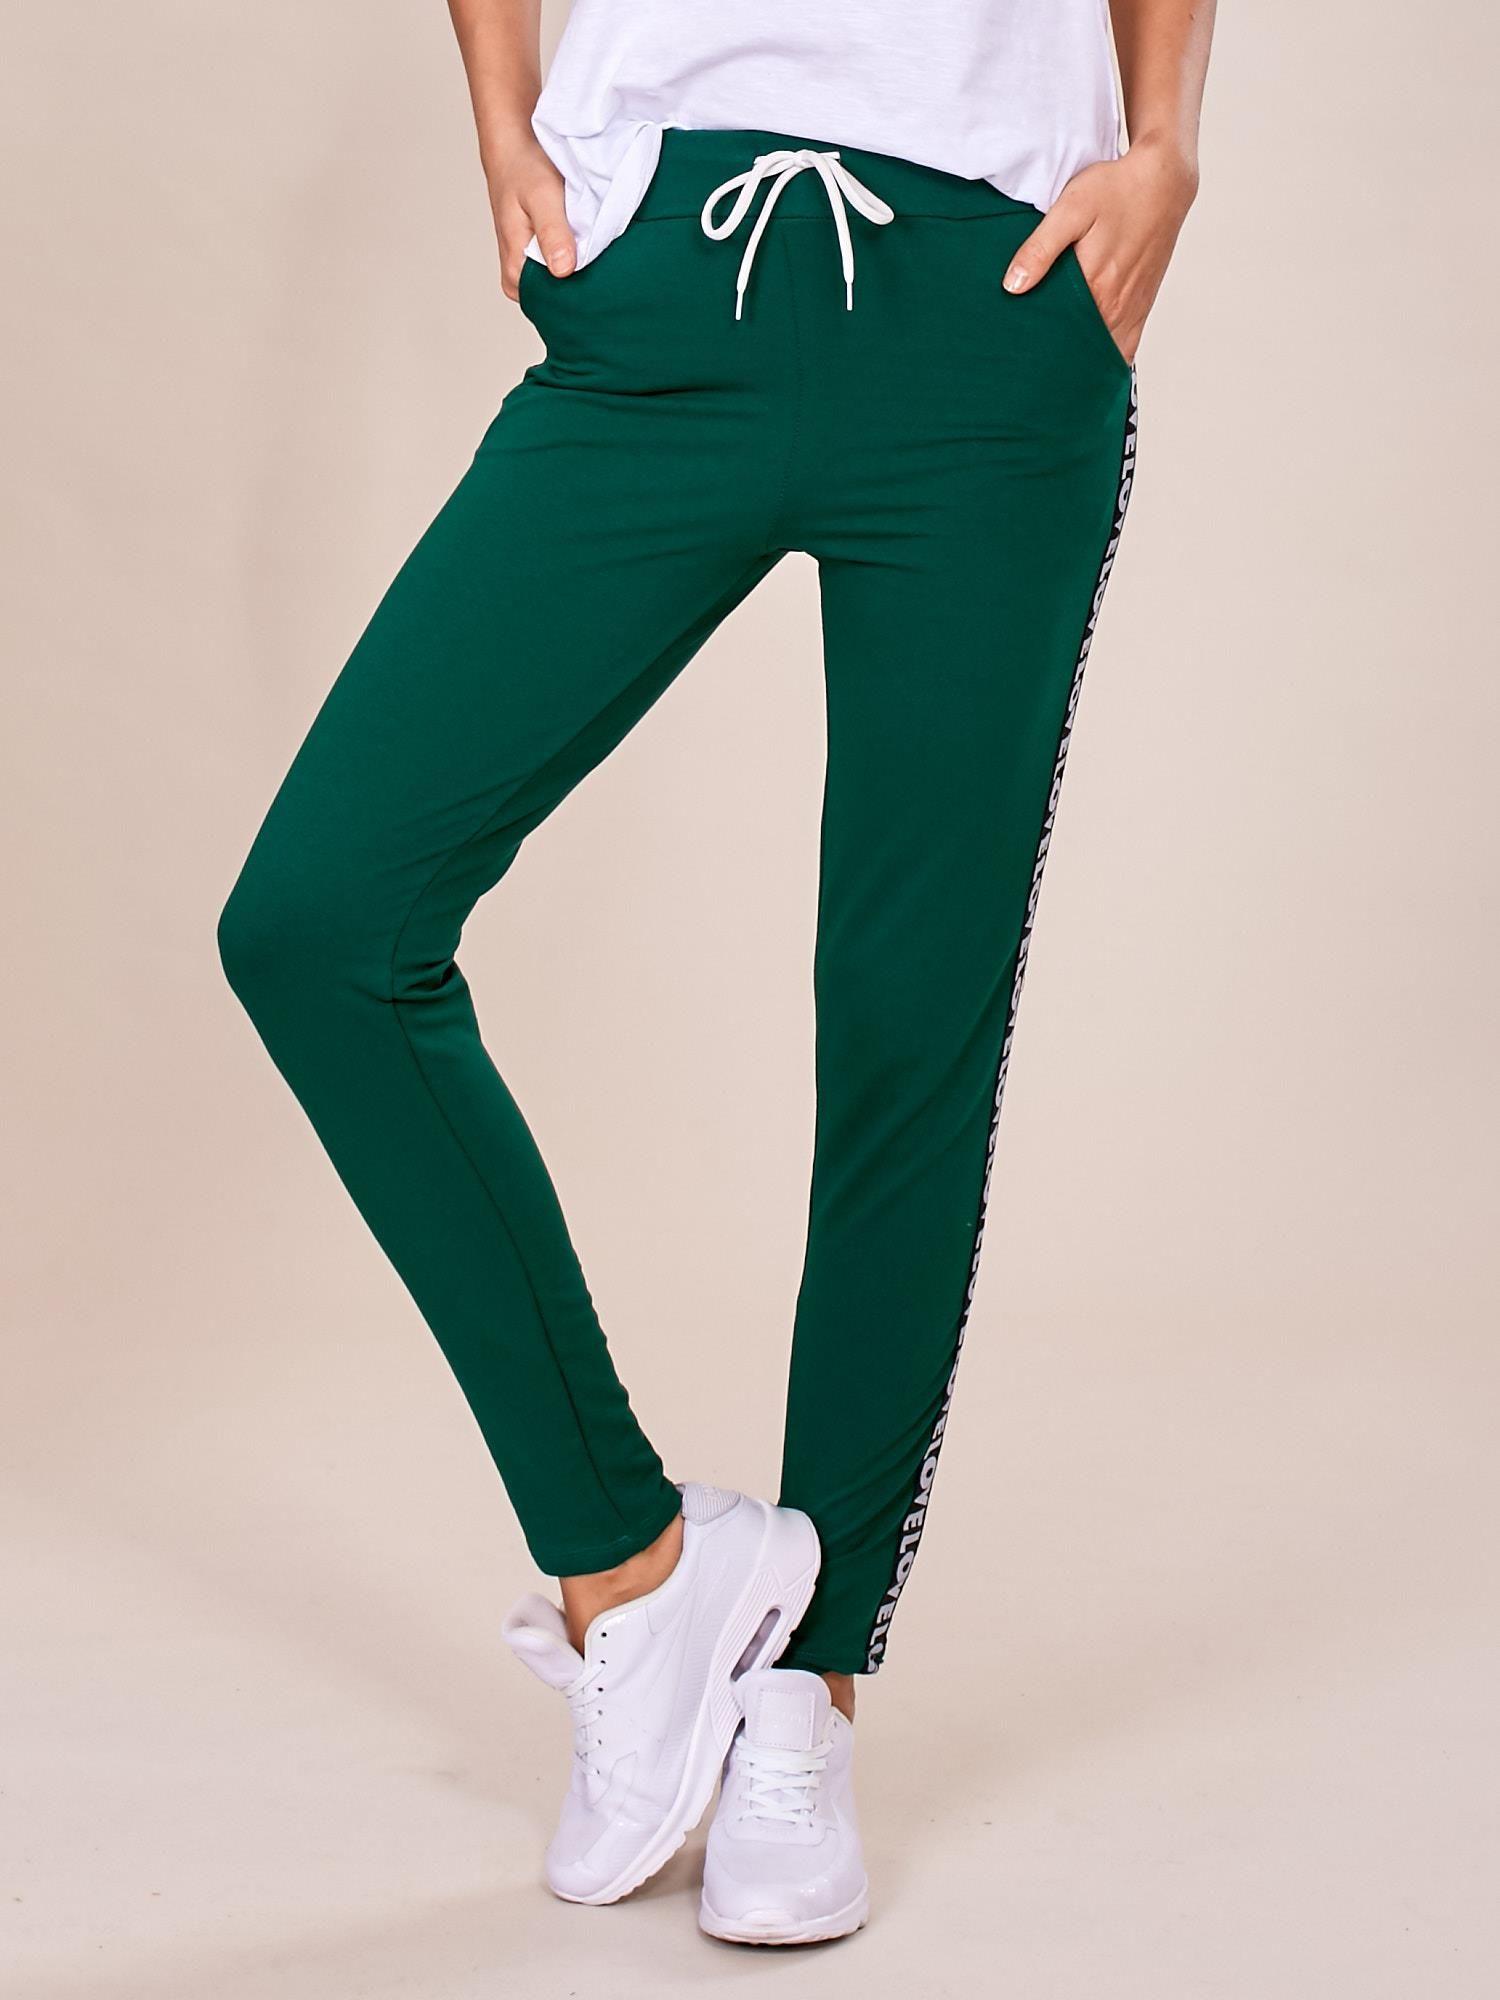 3e93bcf1f34e85 Zielone spodnie dresowe z lampasami - Spodnie Dresowe - sklep eButik.pl